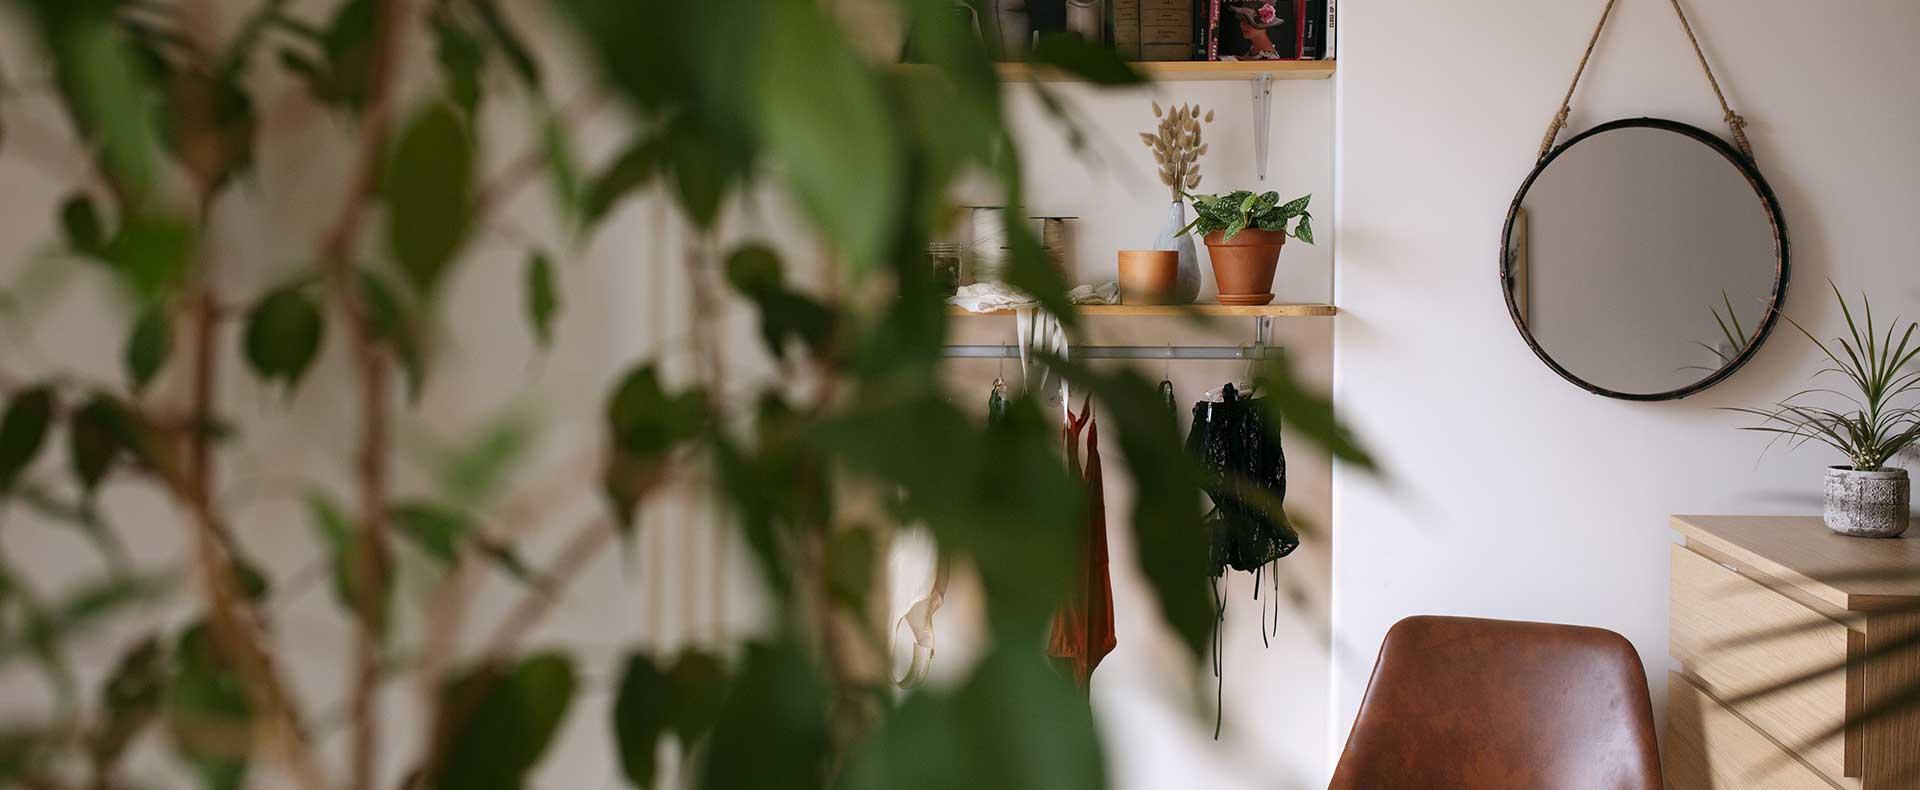 Lingerie-suspendu-etageres-plantes-atelier